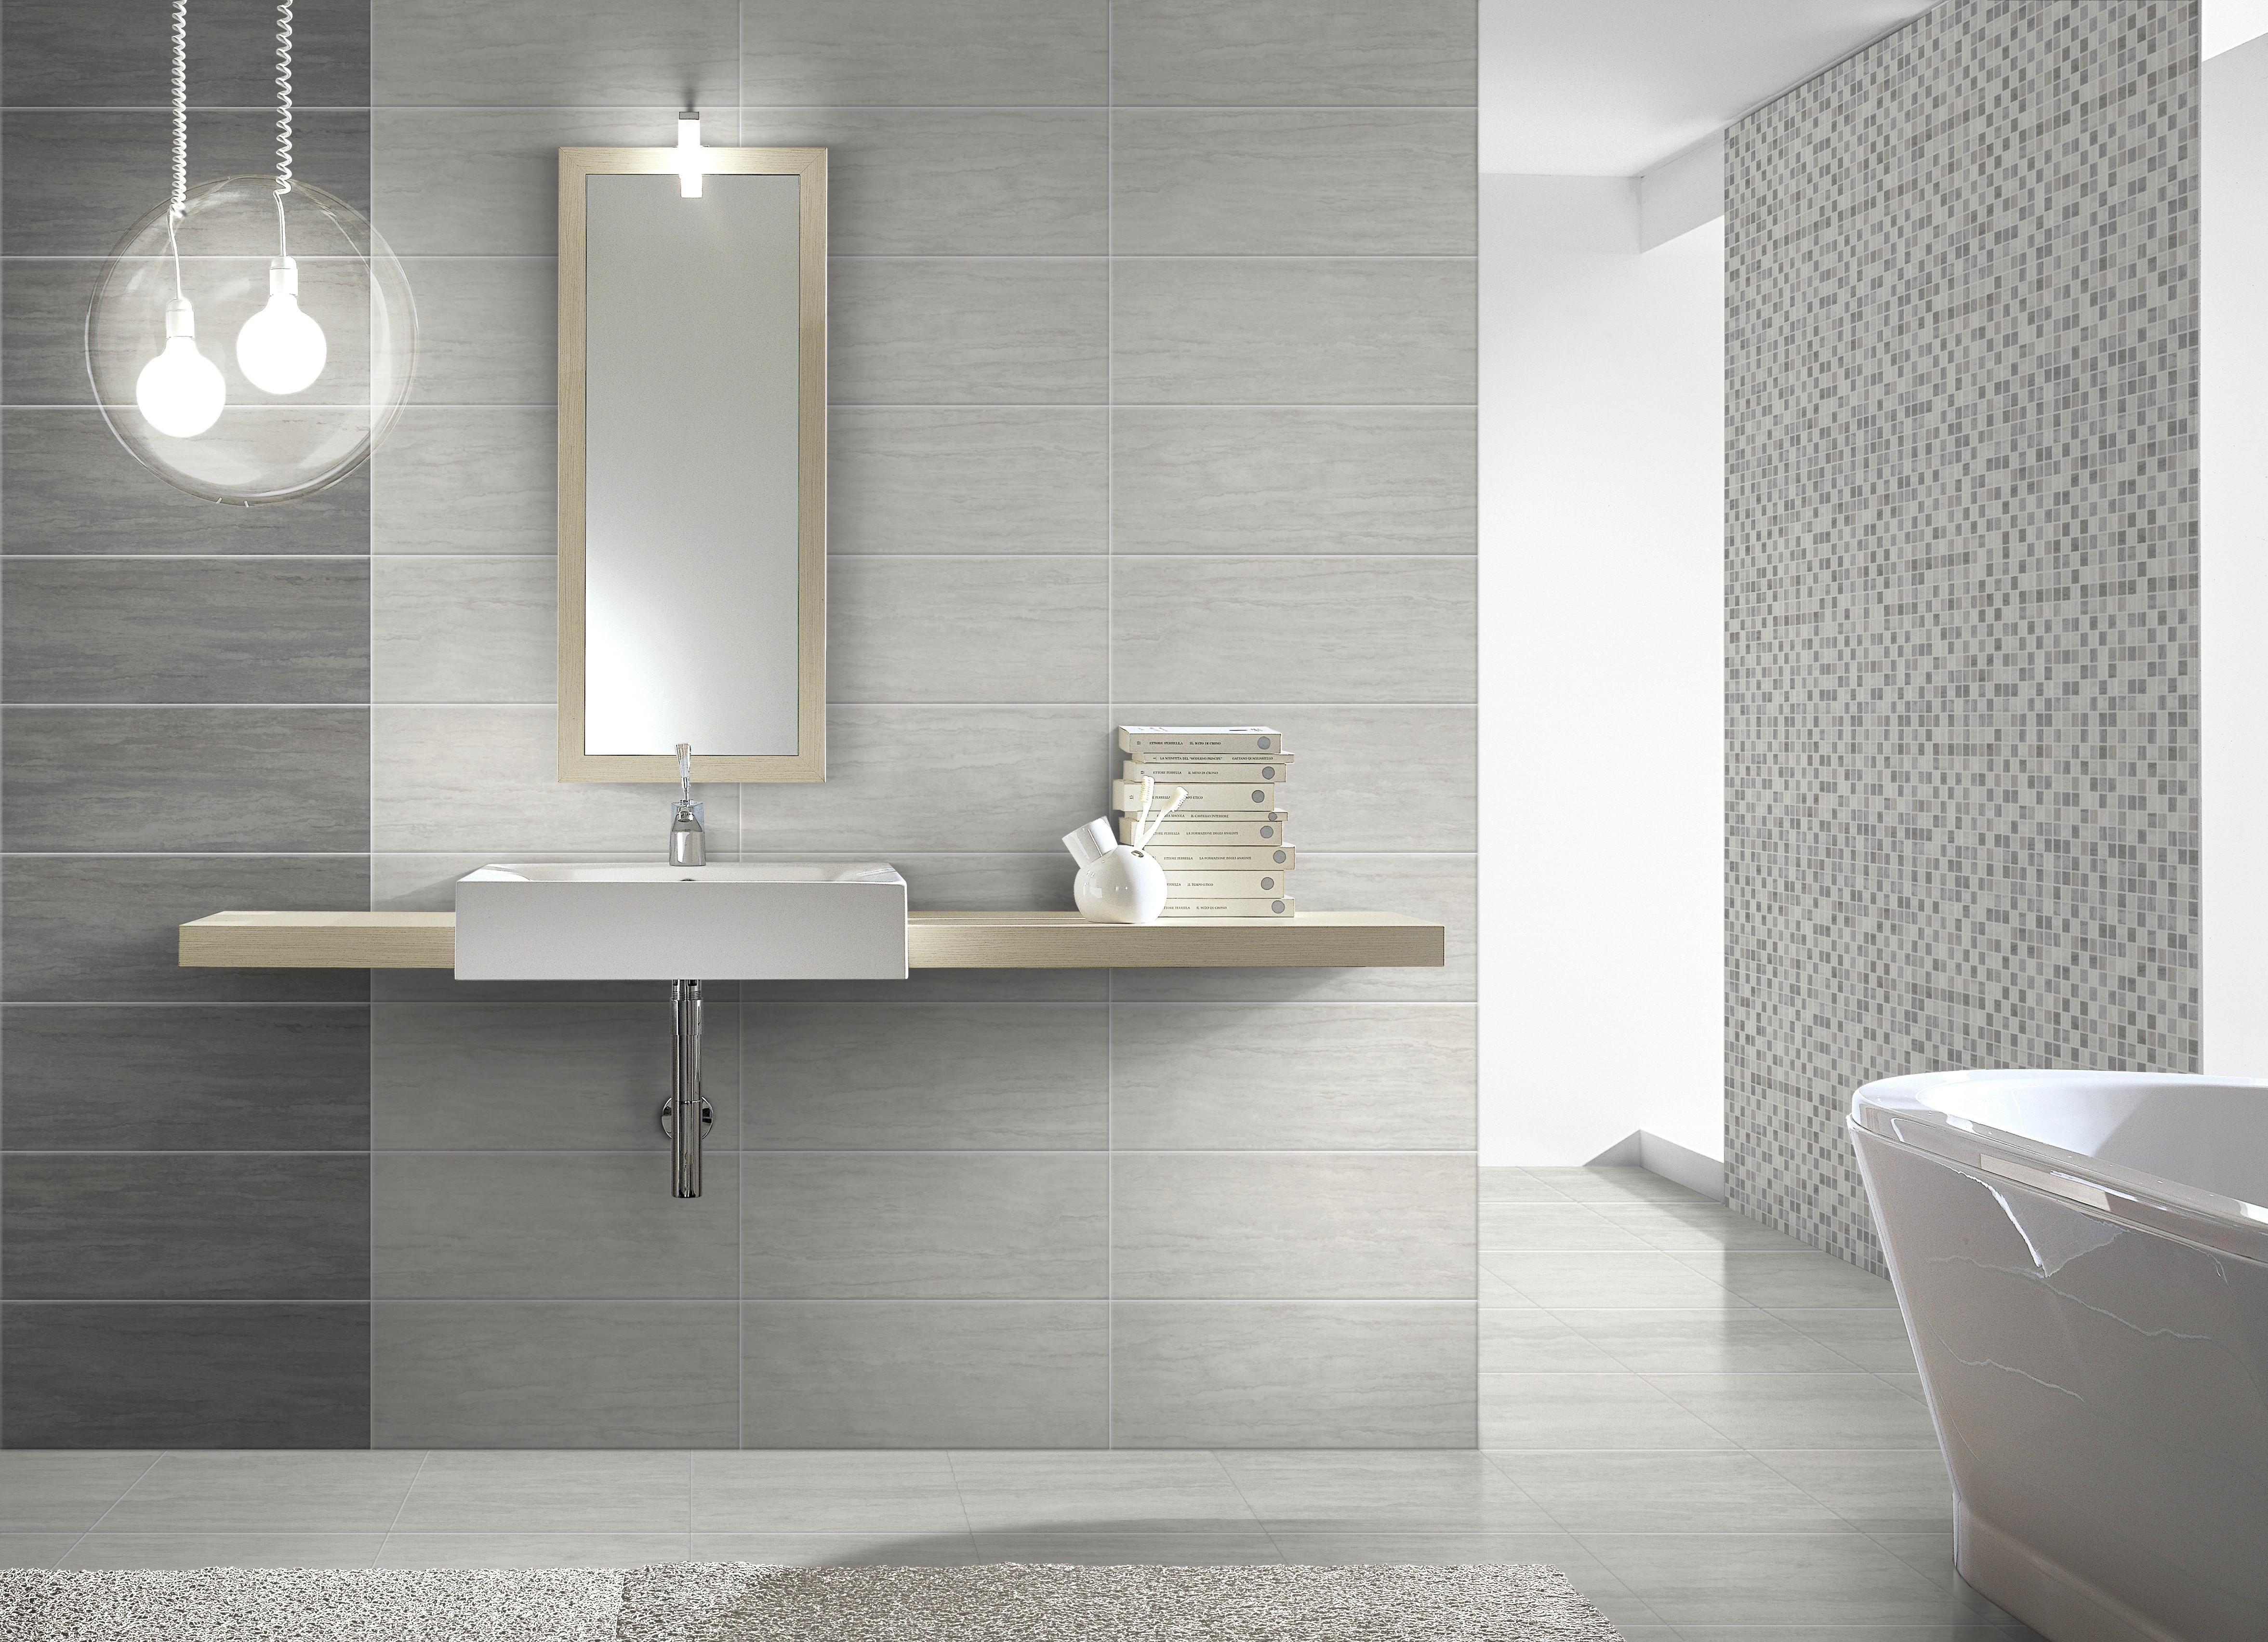 Rivestimento bagno travertino mosaico grigio 20x50x0 7 cm